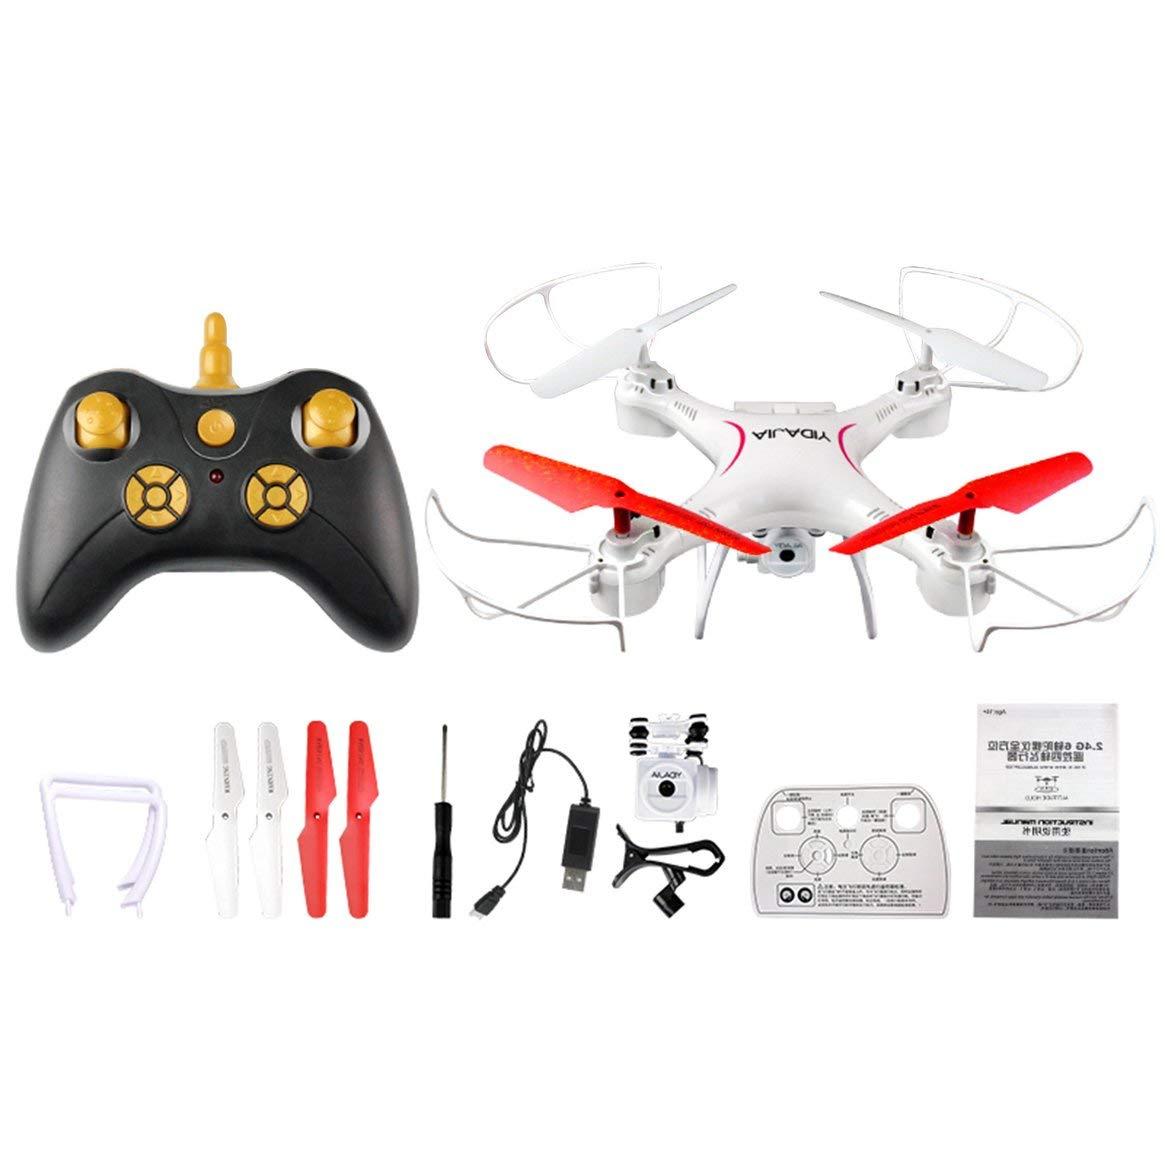 D66WG-YW WIFI FPV Faltender RC-Drohne mit 0.3MP-Kamera 2.4g 6-Achsen-ferngesteuerter Hubschrauber mit fester Höhe Drone Quadcopter Toy - Weiß & ROT